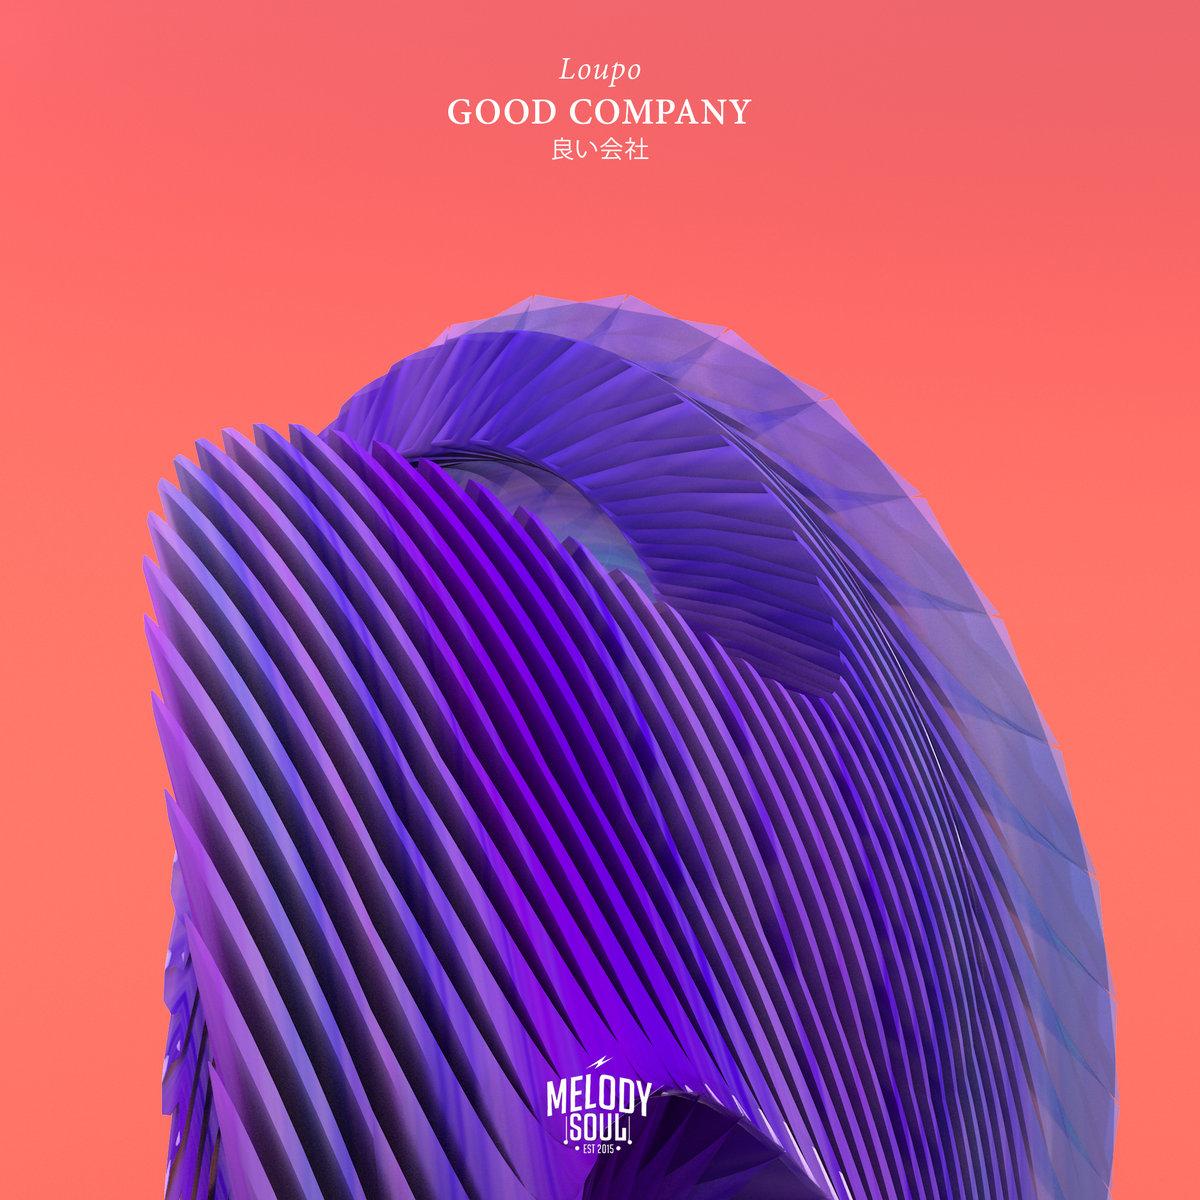 Loupo: Good Company